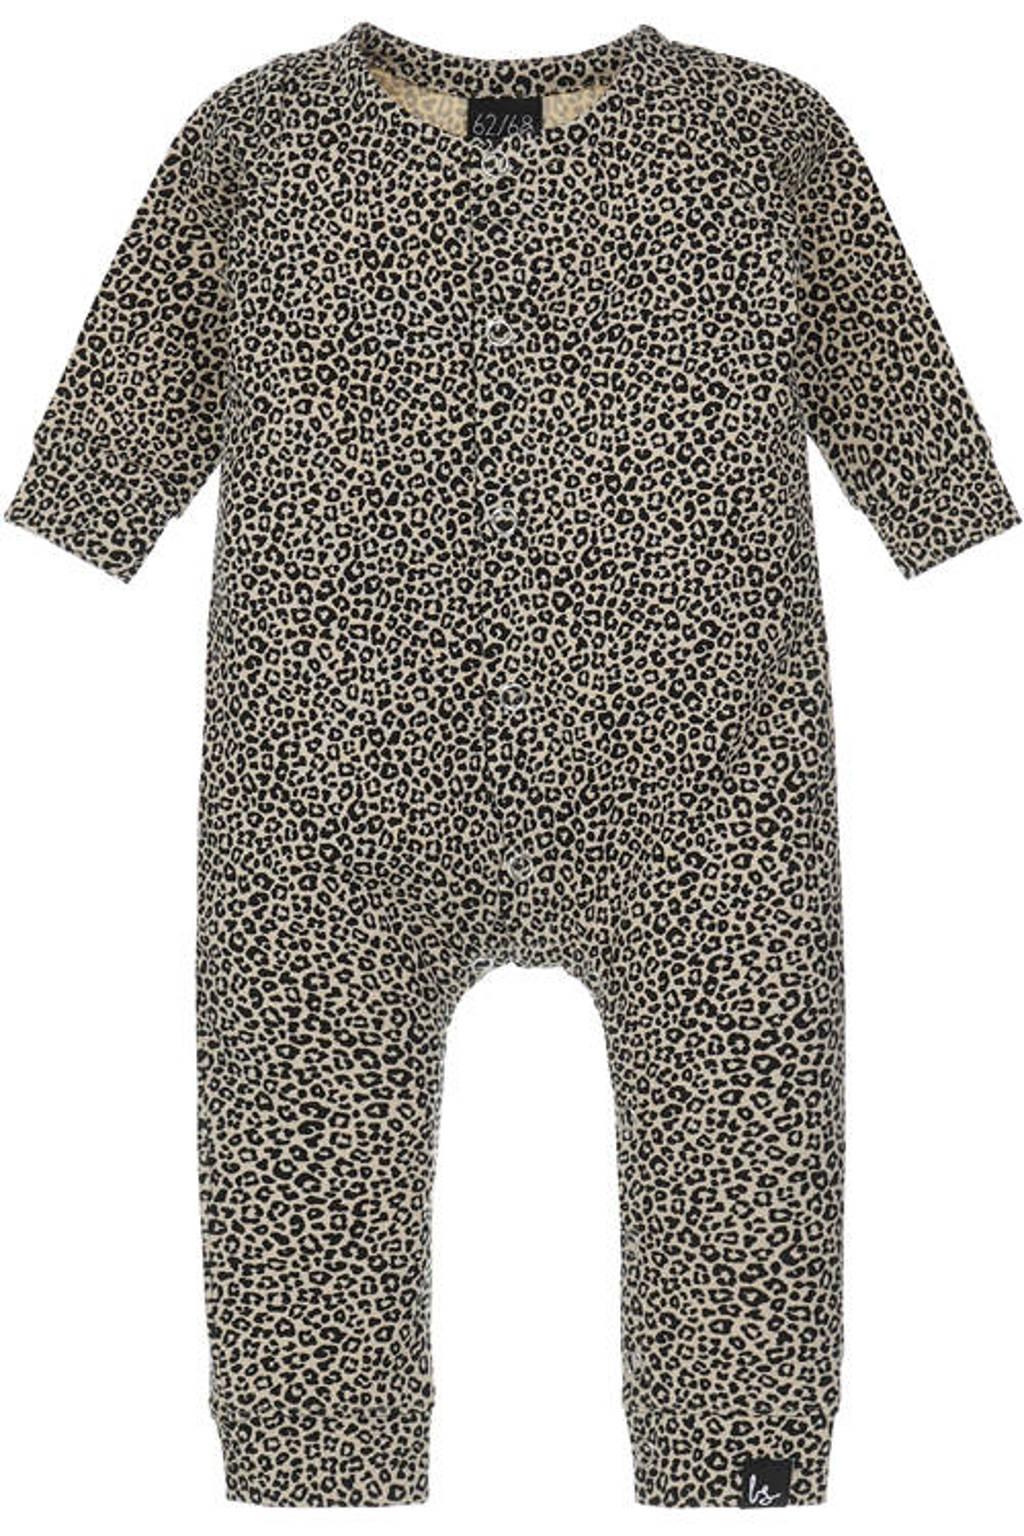 Babystyling baby boxpak met dierenprint beige/bruin, Beige/bruin